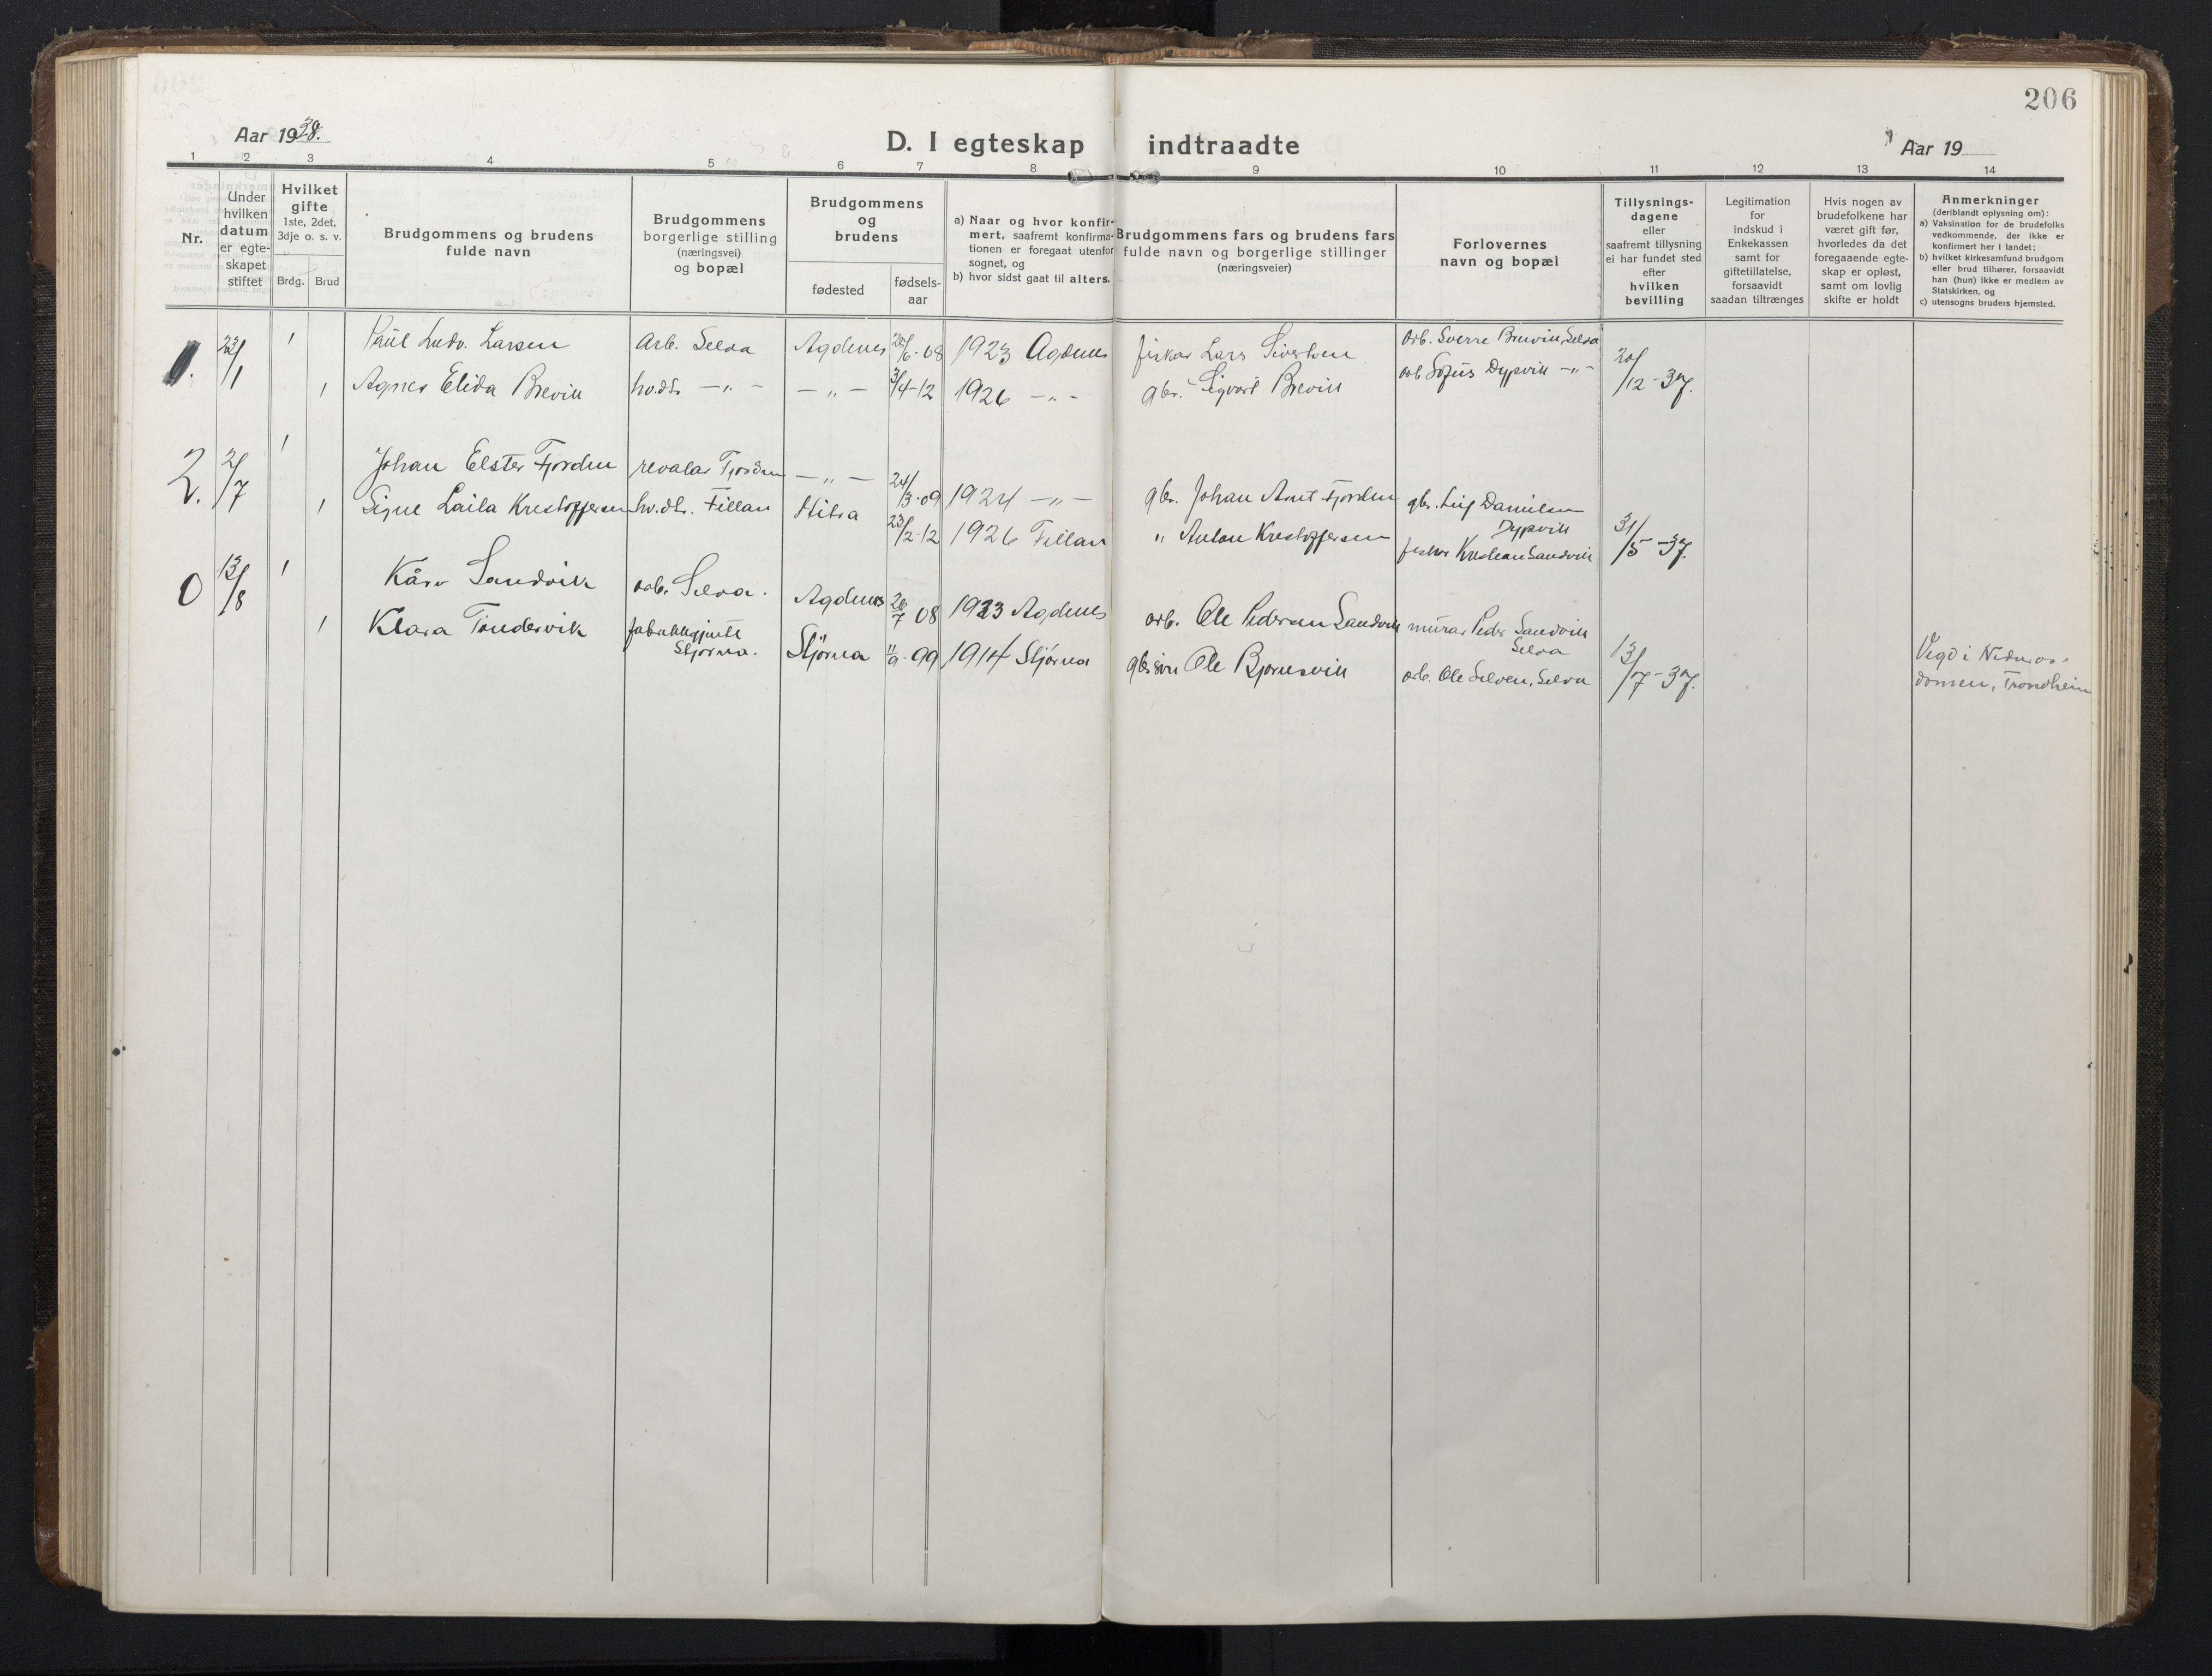 SAT, Ministerialprotokoller, klokkerbøker og fødselsregistre - Sør-Trøndelag, 662/L0758: Klokkerbok nr. 662C03, 1918-1948, s. 206